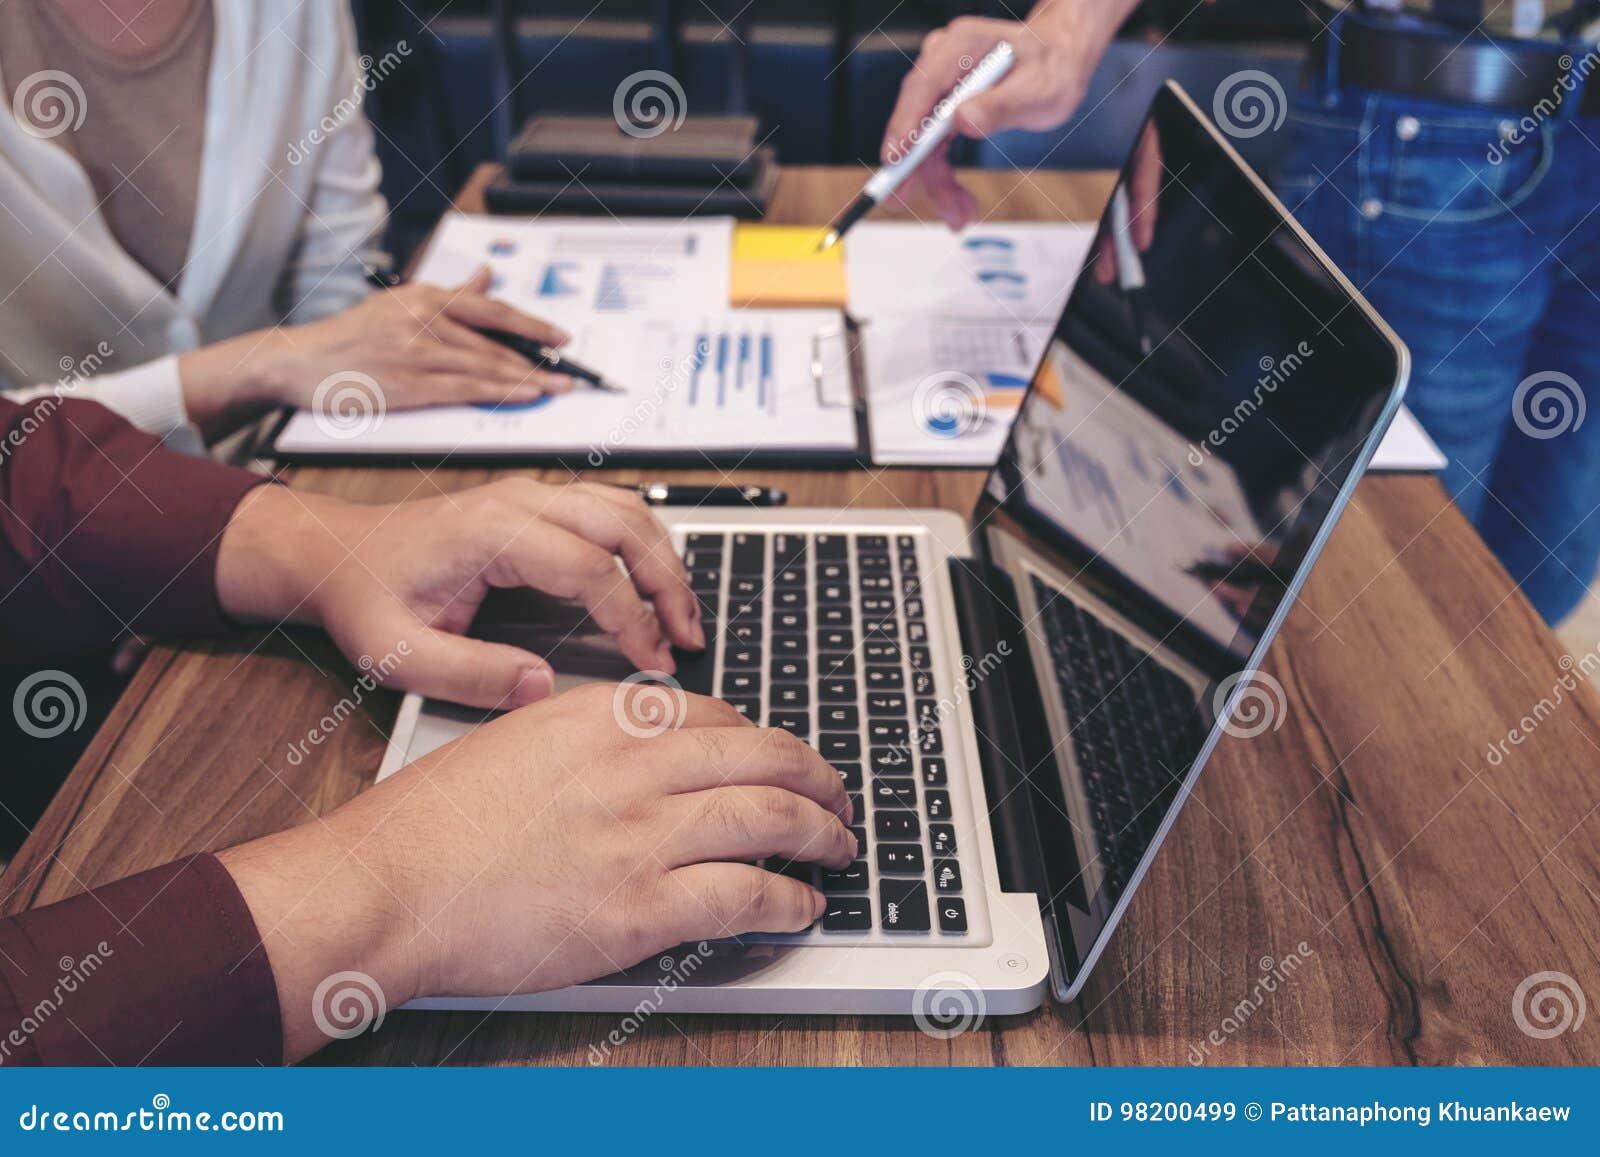 Download Startup бизнесмены групповой встречи, молодых творческих сотрудников Стоковое Изображение - изображение насчитывающей маркетинг, компьютер: 98200499